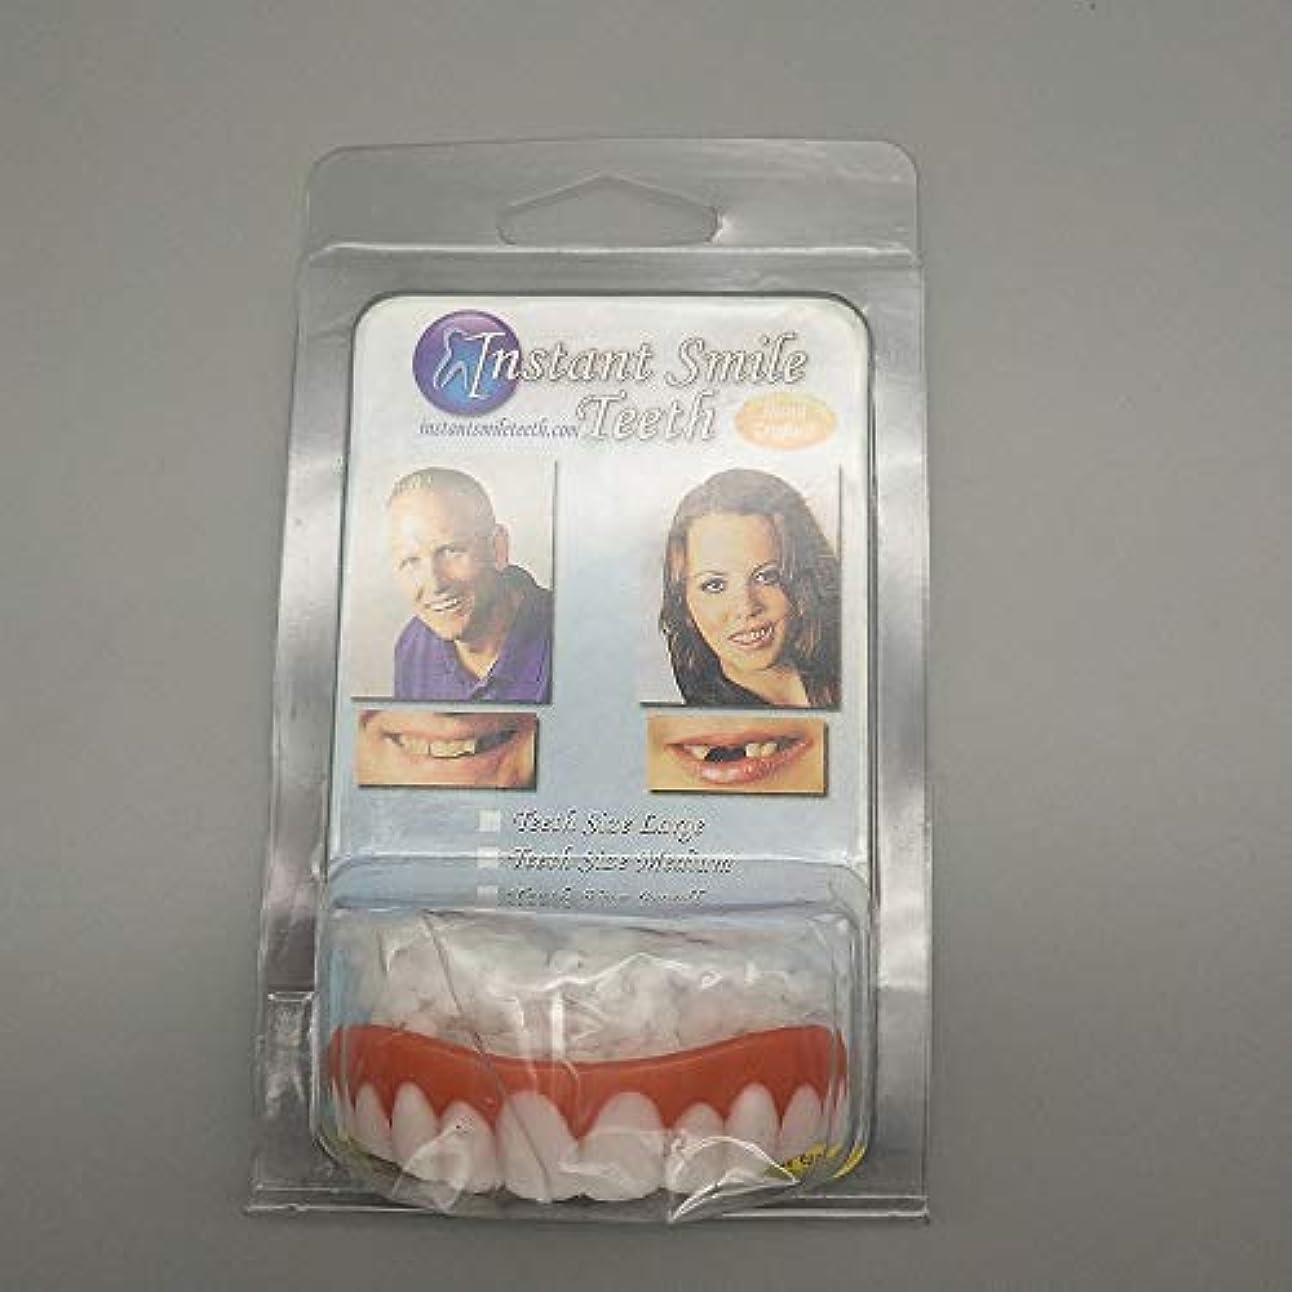 美容師愛非常に怒っていますシリコーンシミュレーション歯ブレース、ホワイトニング義歯,Lower,OPP